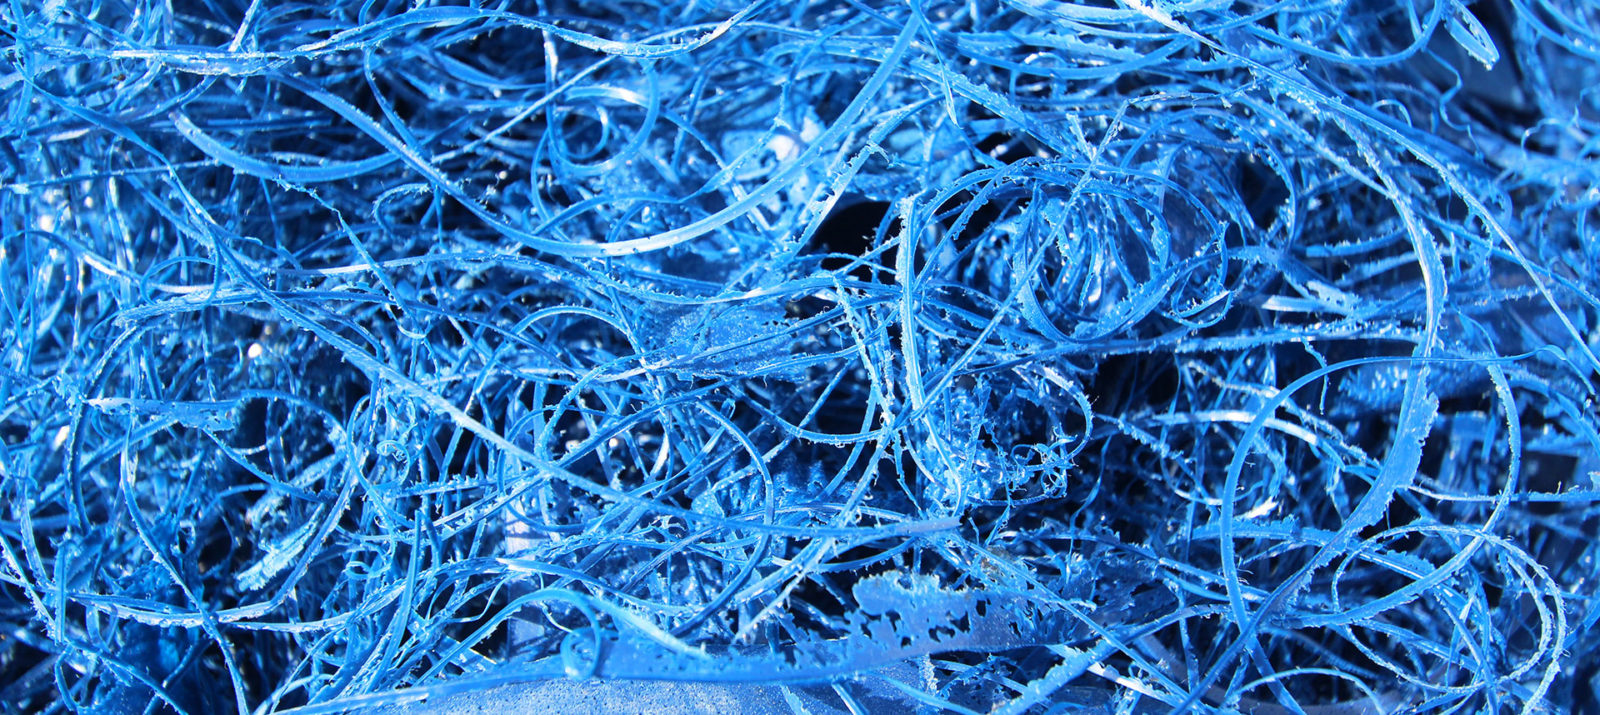 Voltoplast Reciclagem - COMPRA DE RECICLÁVEIS